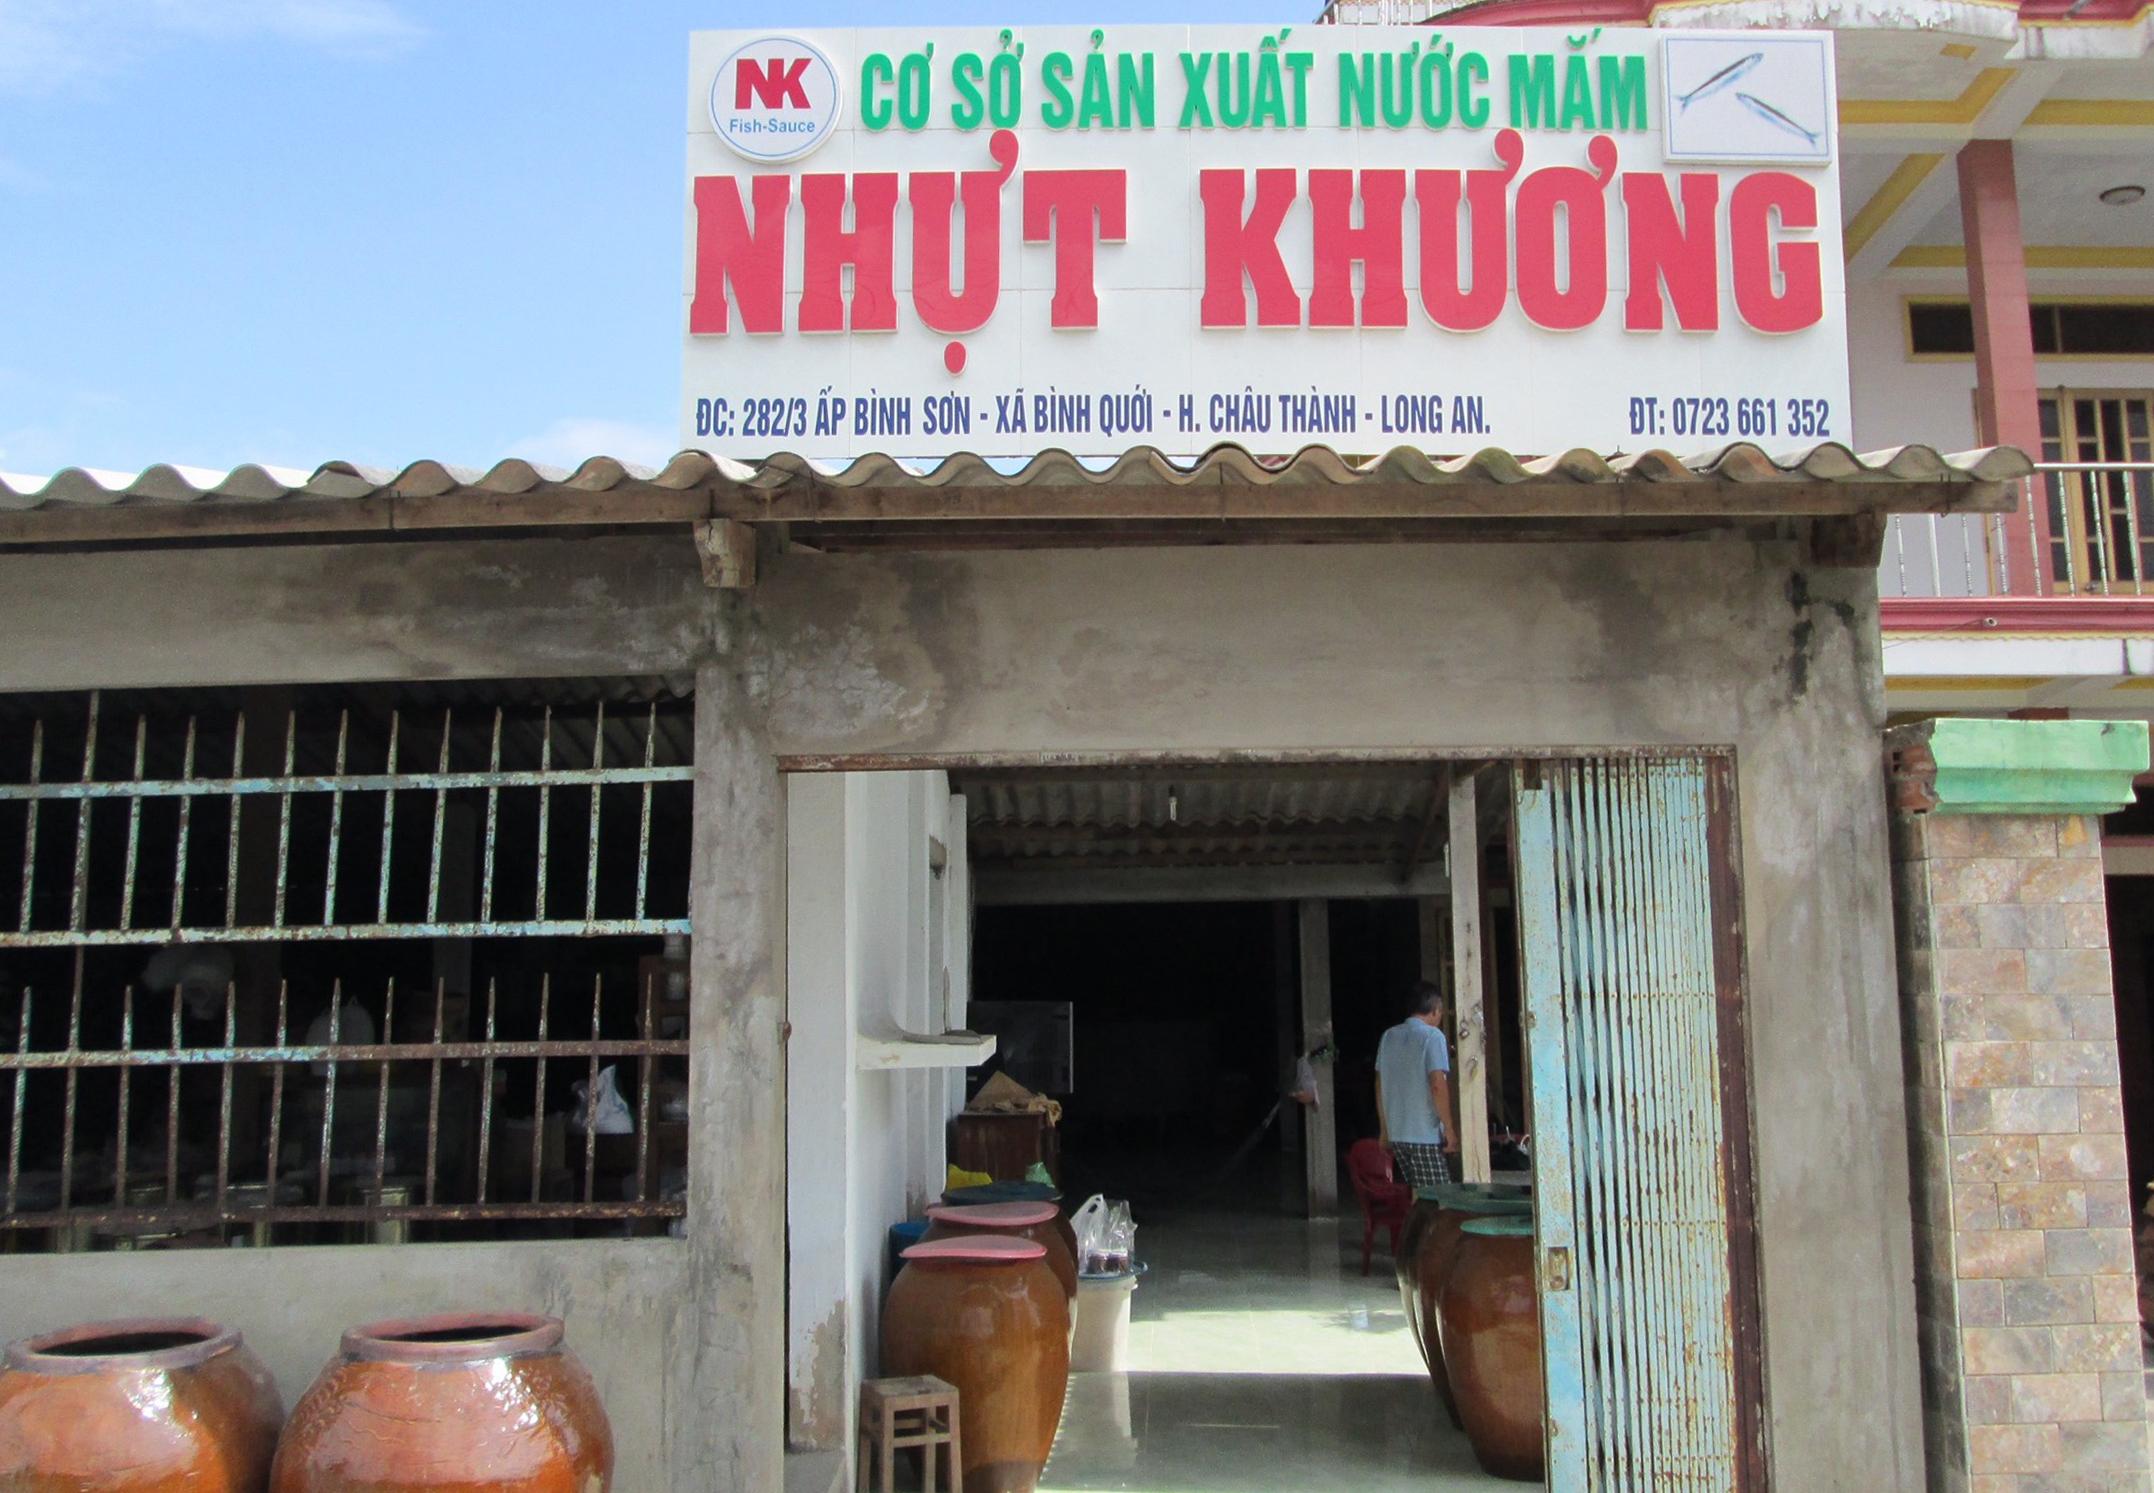 Thơm ngon vị Việt- Uy tín, tin dùng